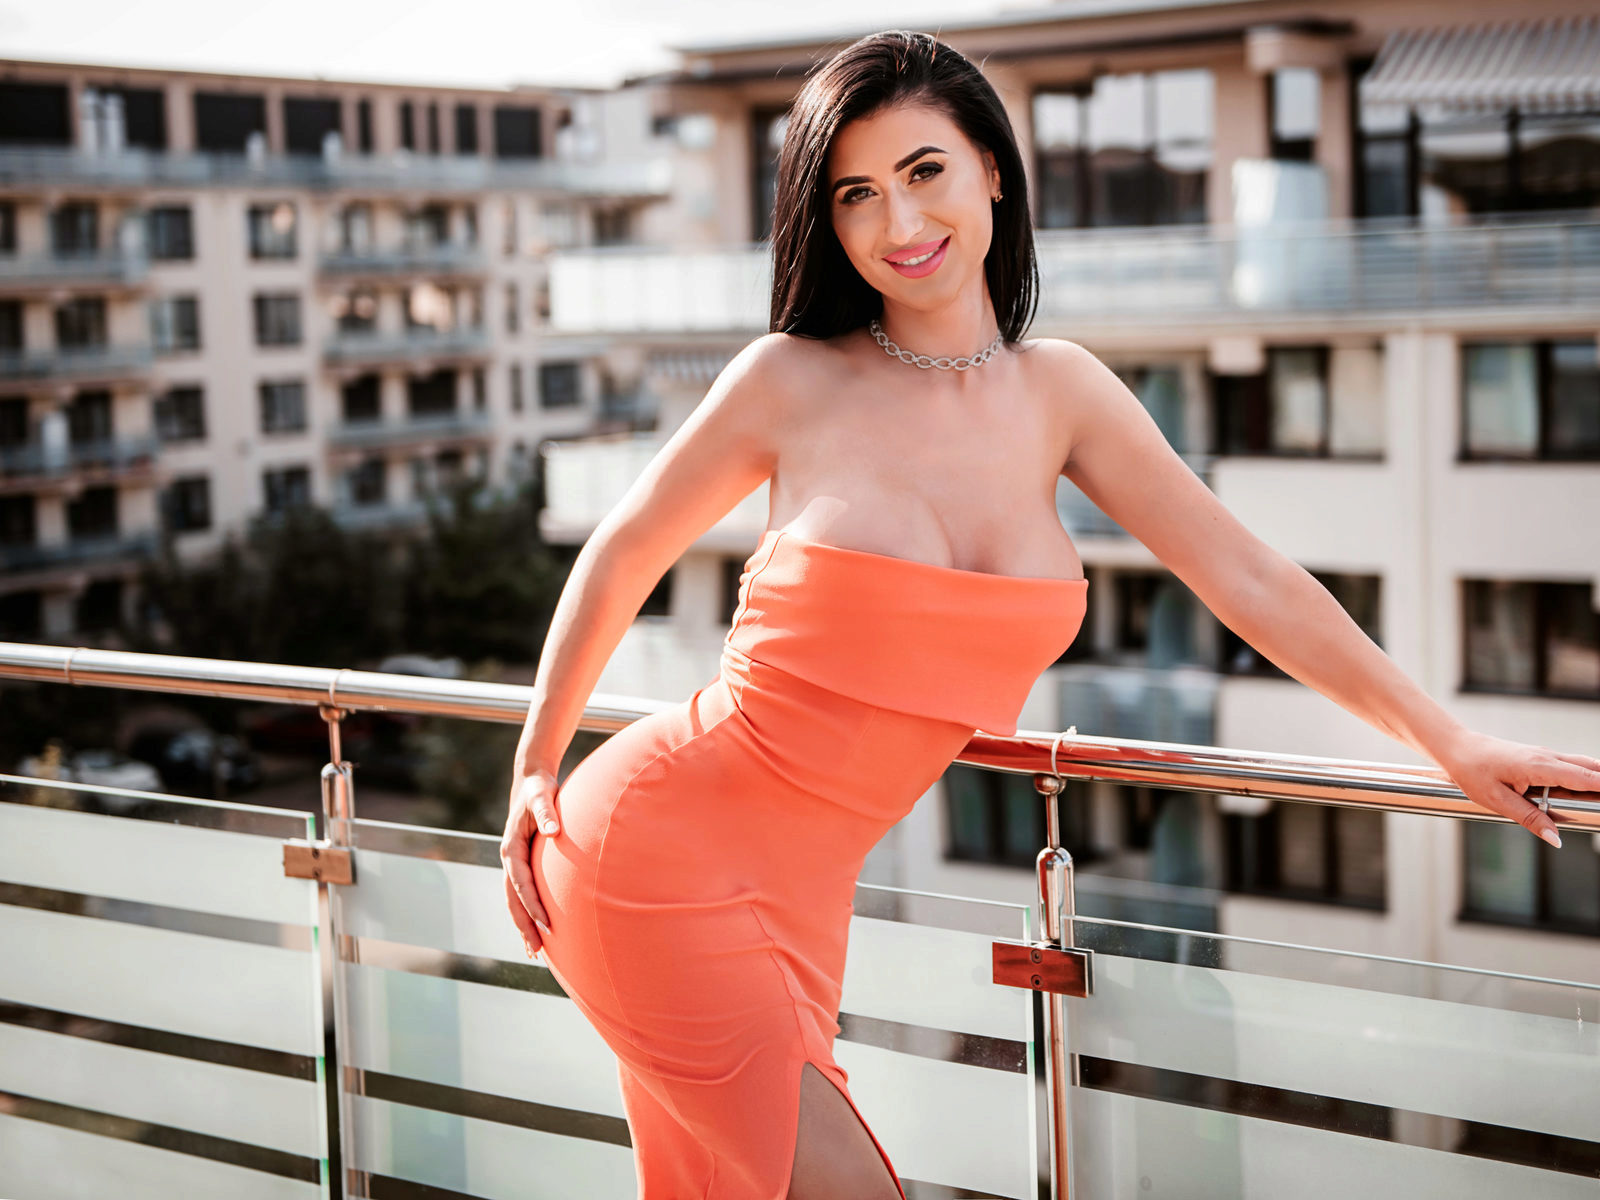 Webcam model Adeline Rosse from WebPowerCam